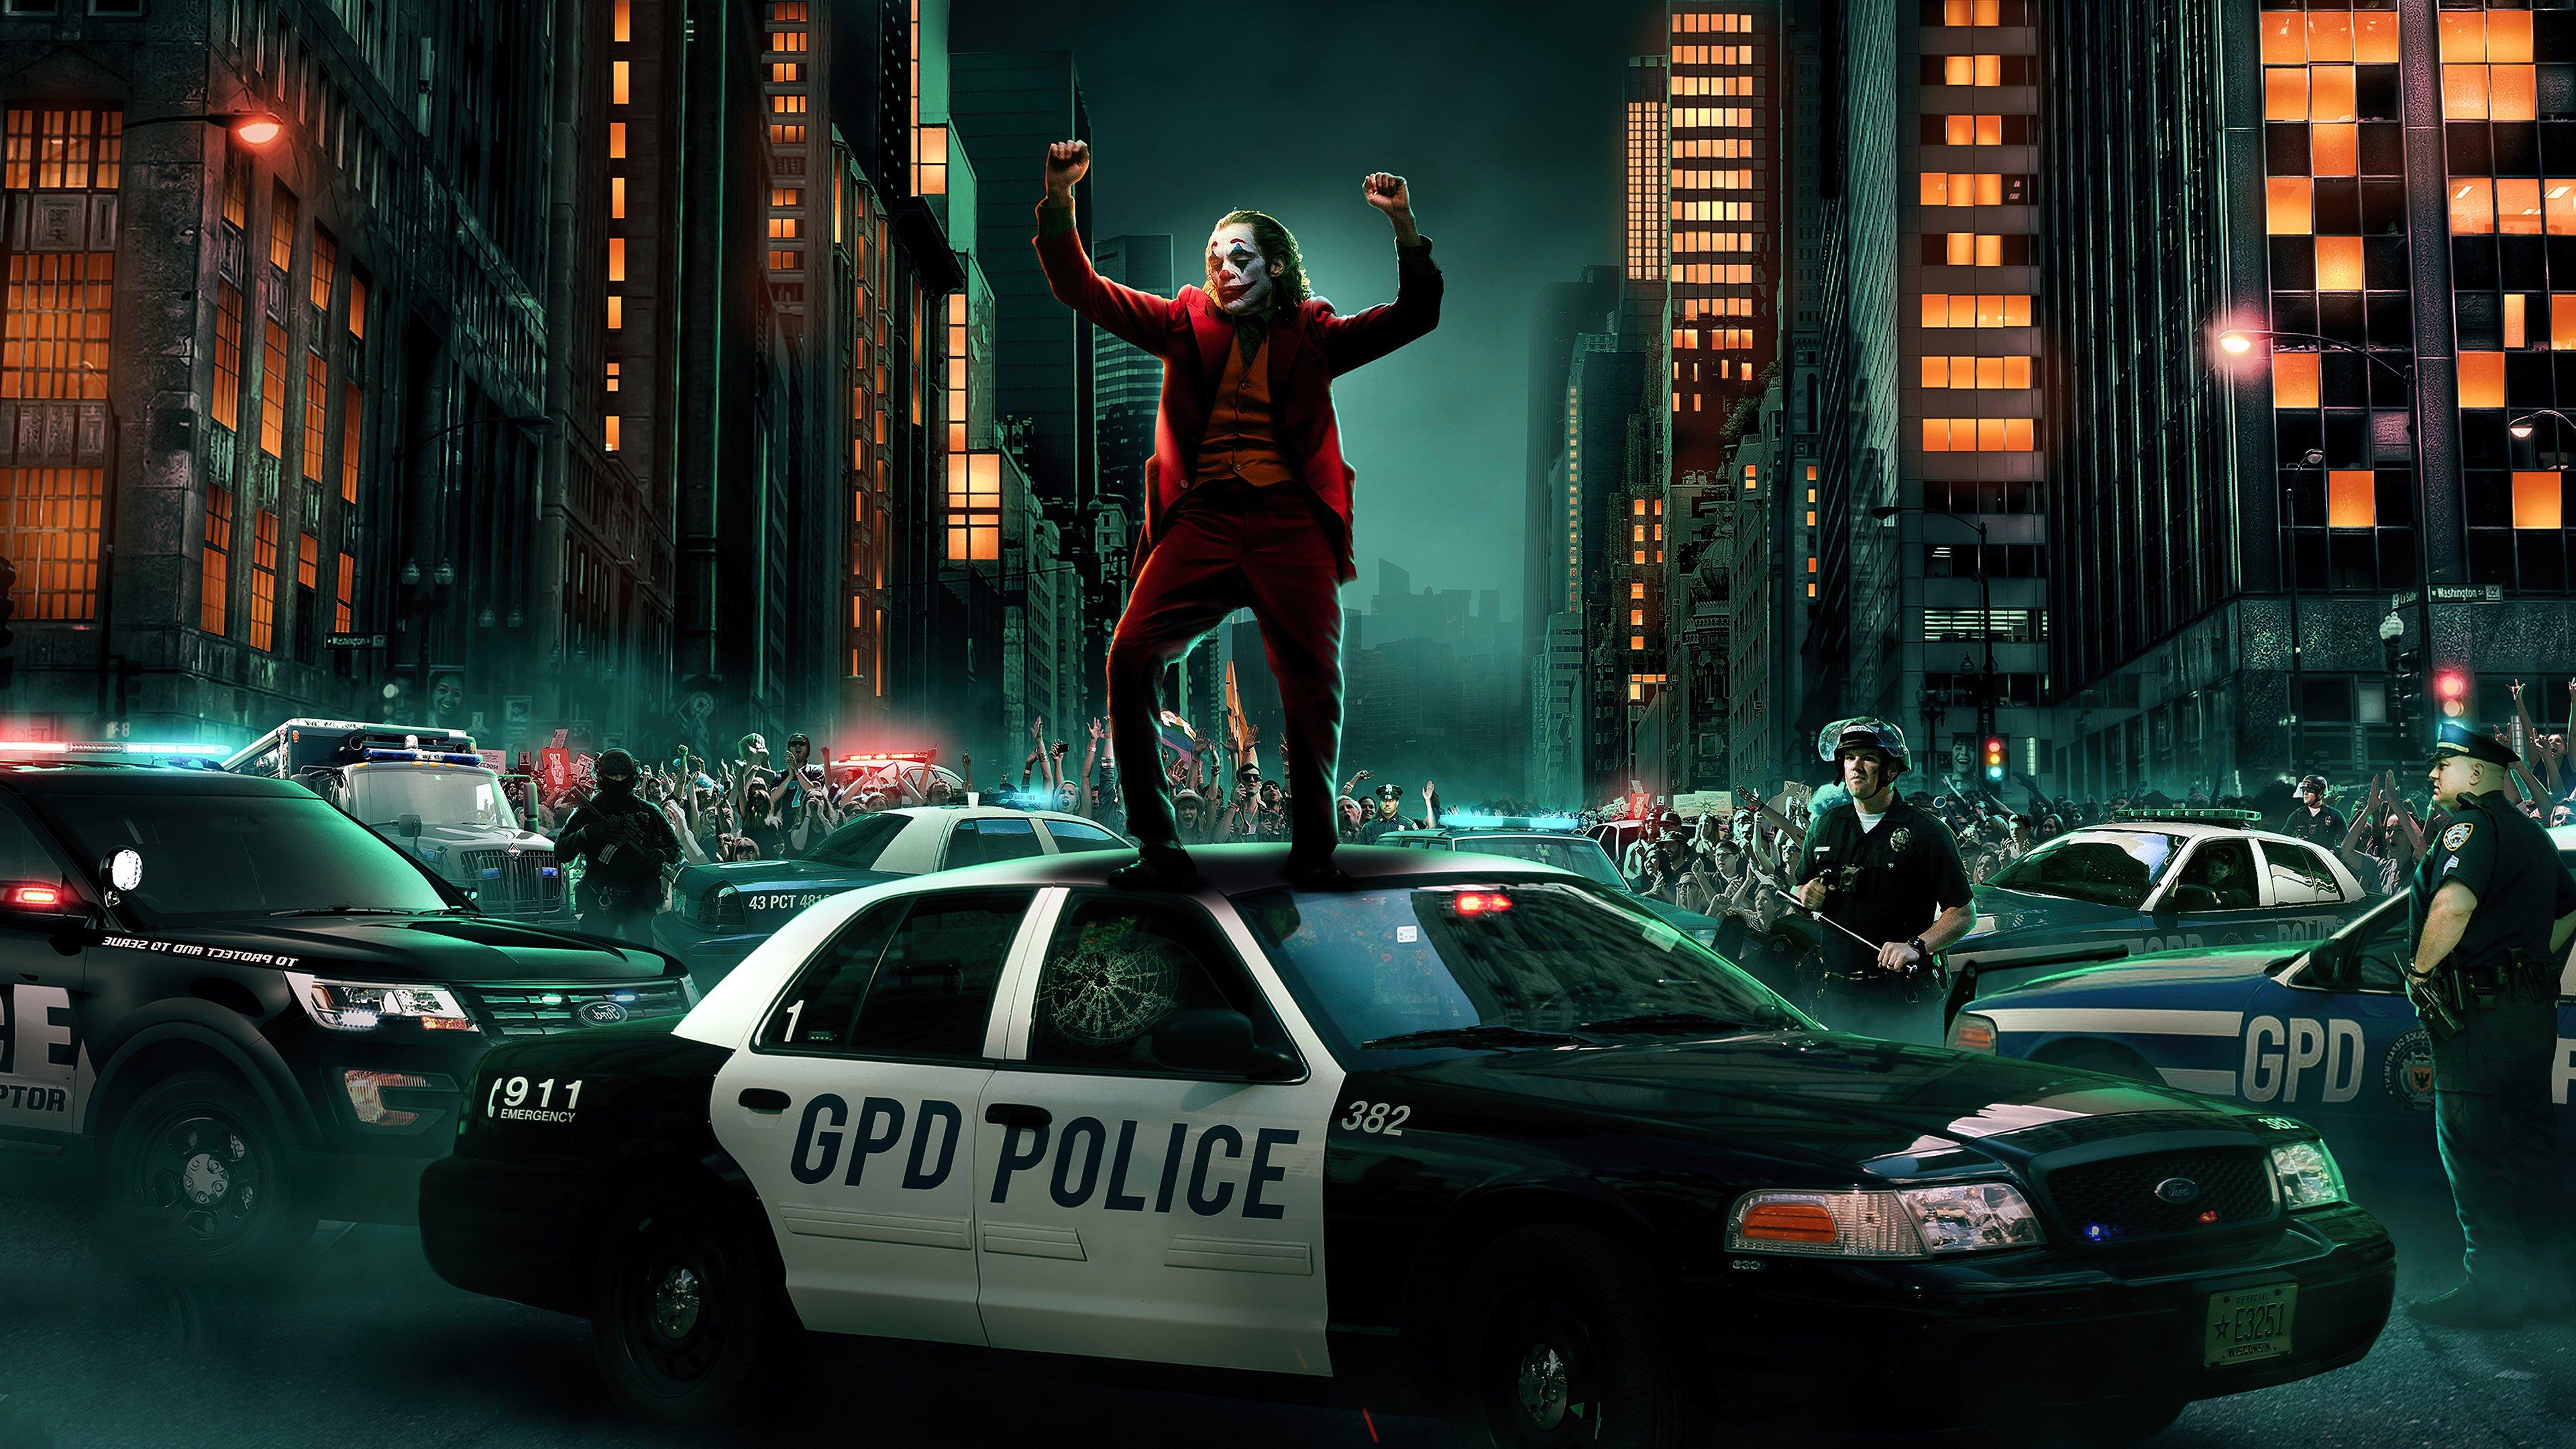 Fondos de pantalla Guasón bailando sobre patrulla